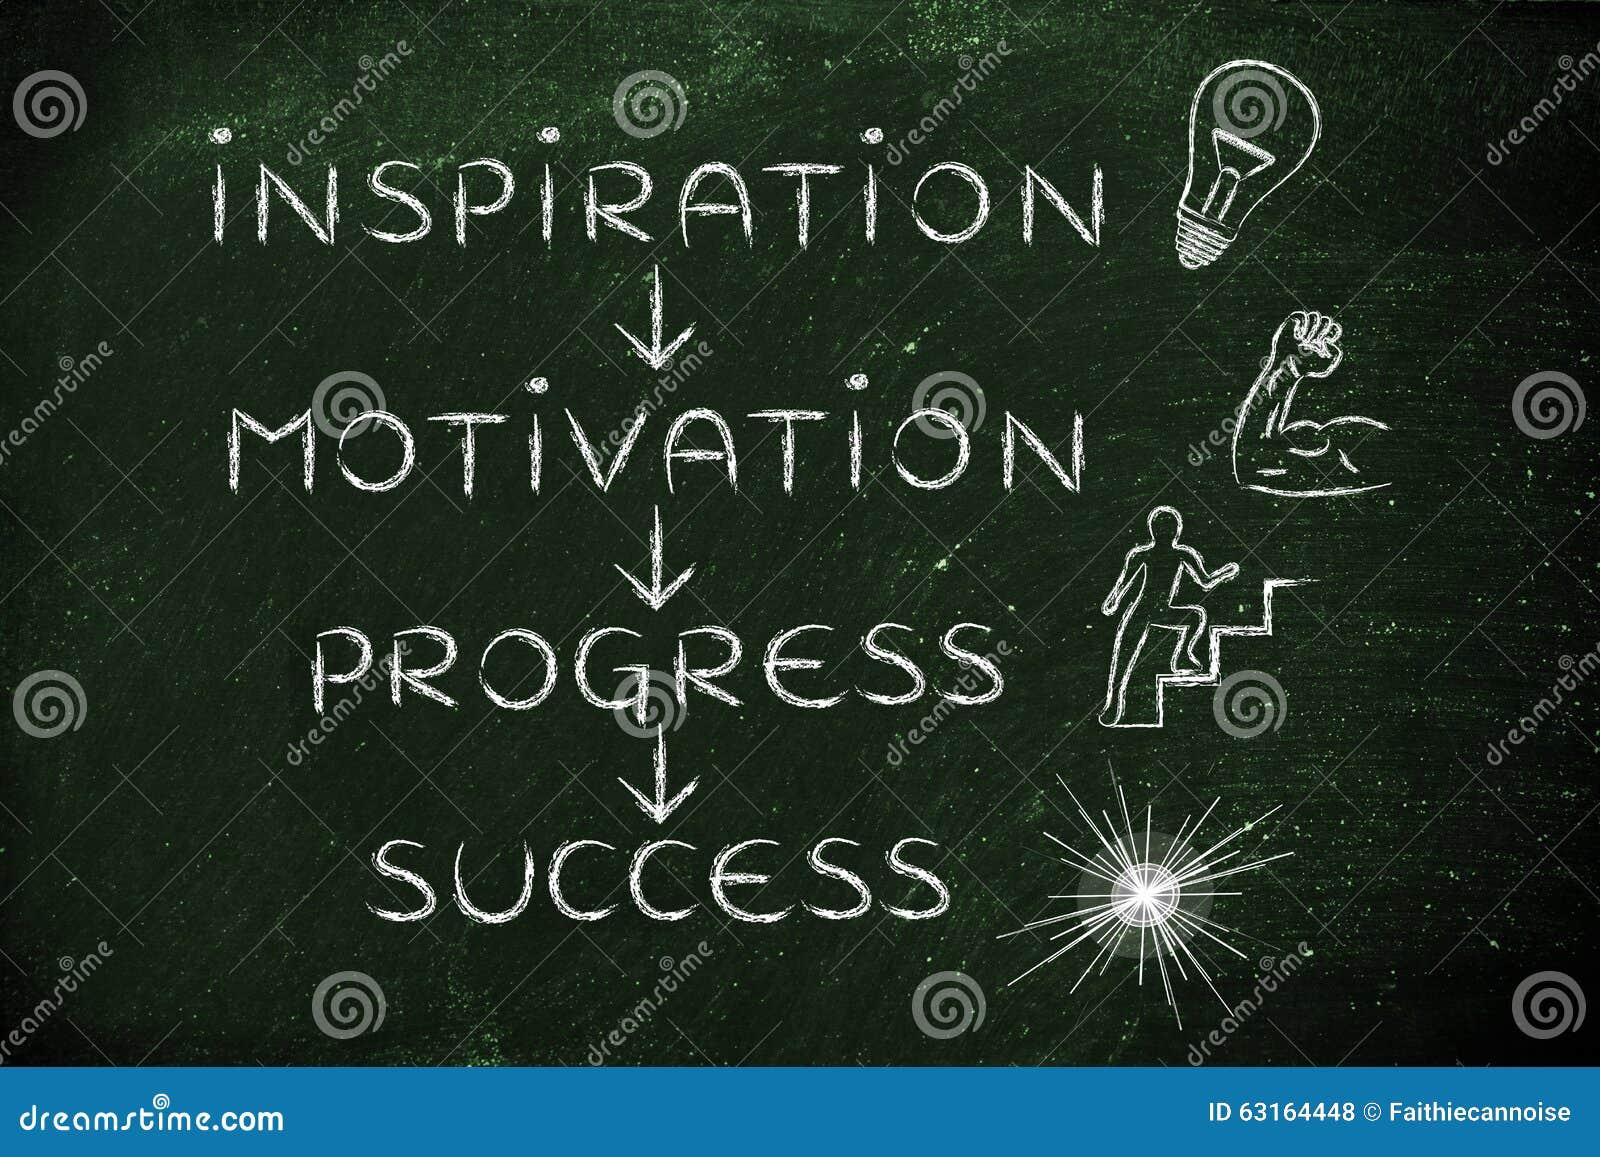 启发,刺激,进展,成功